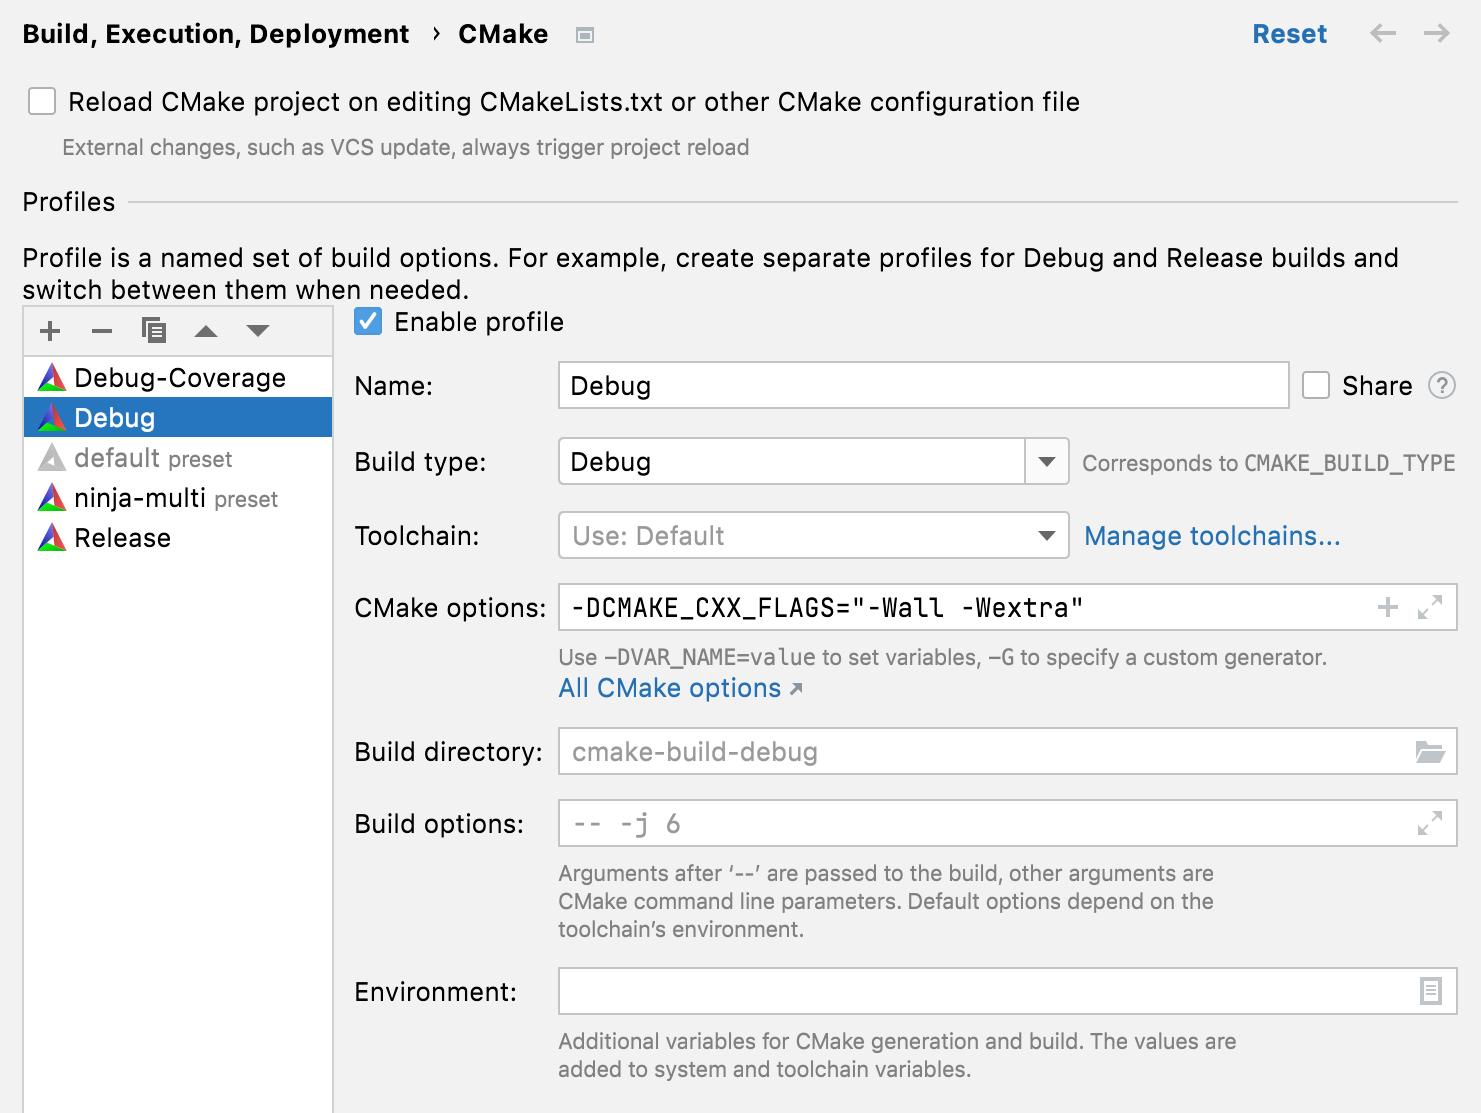 CMake settings dialog